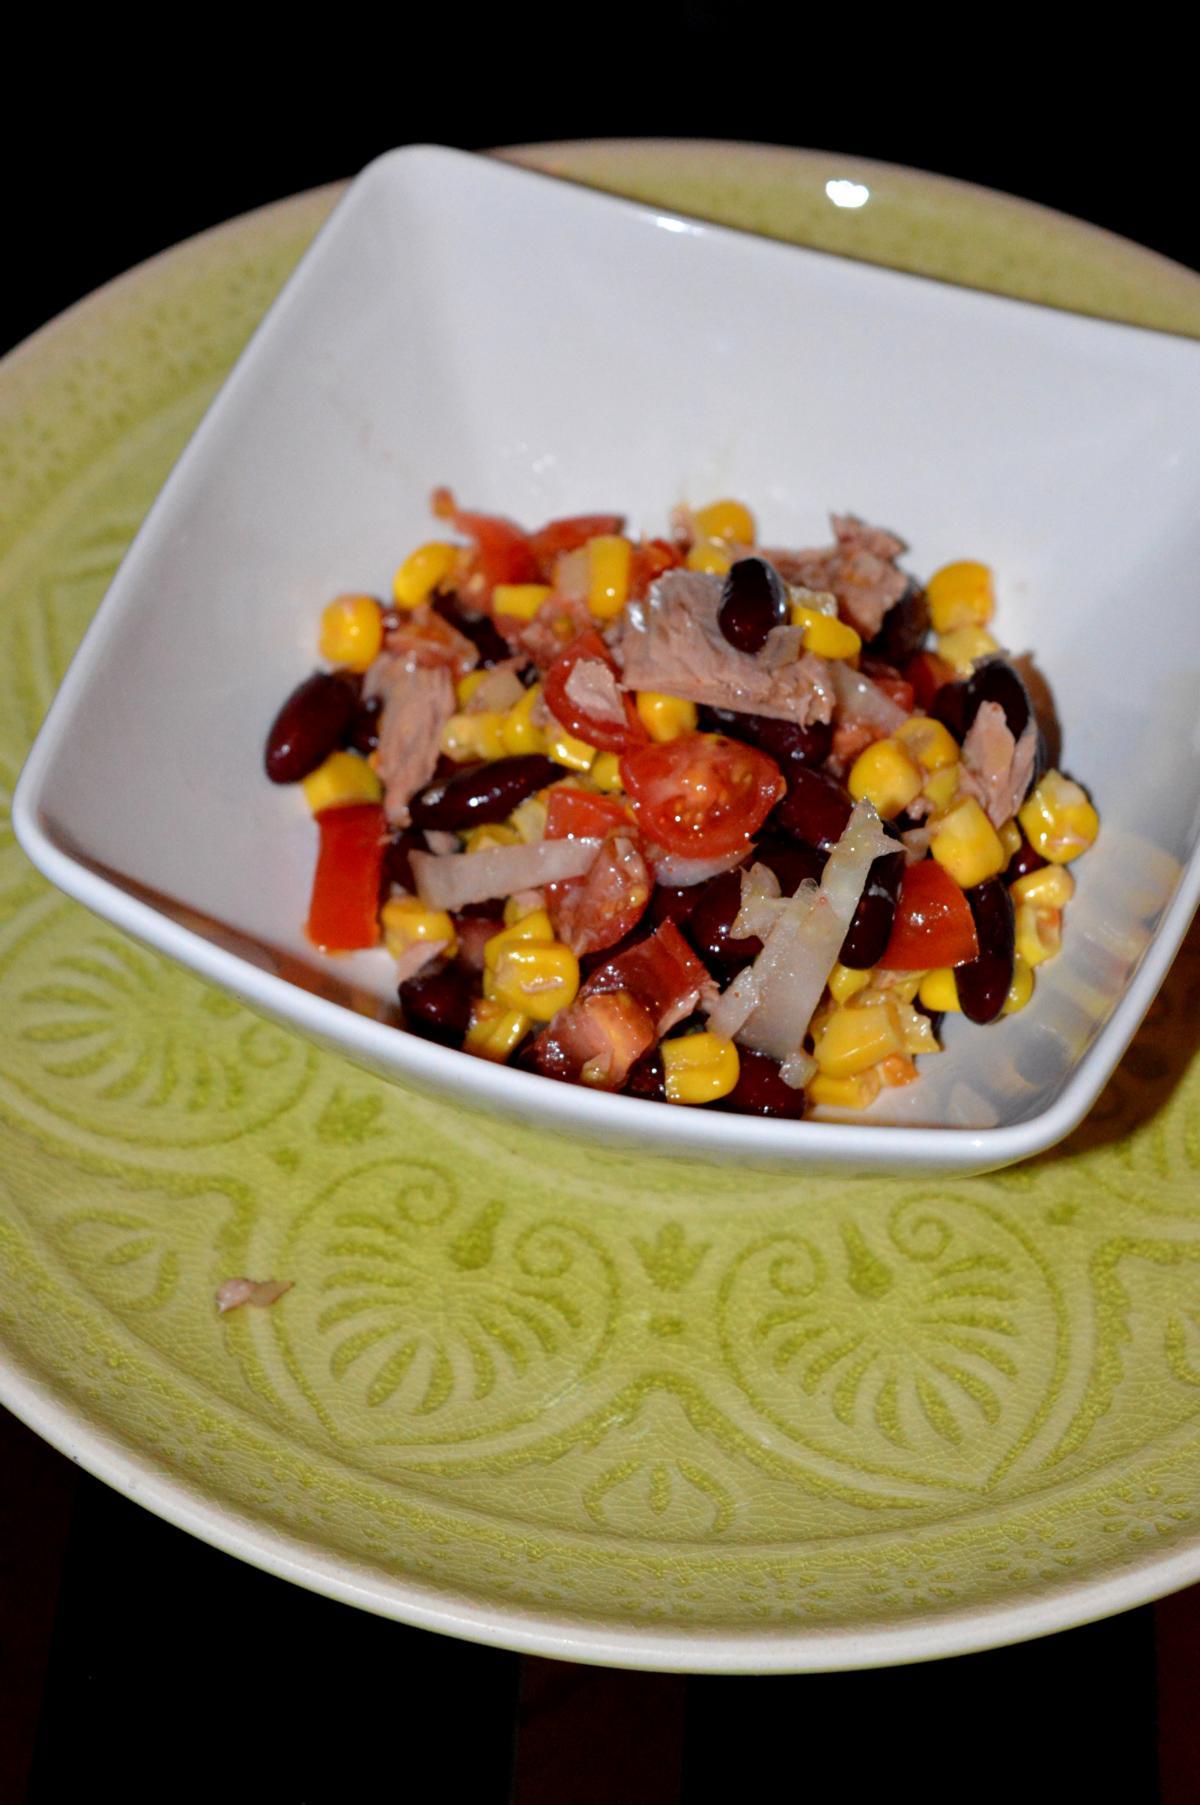 k1600_bohnen-thunfisch-salat